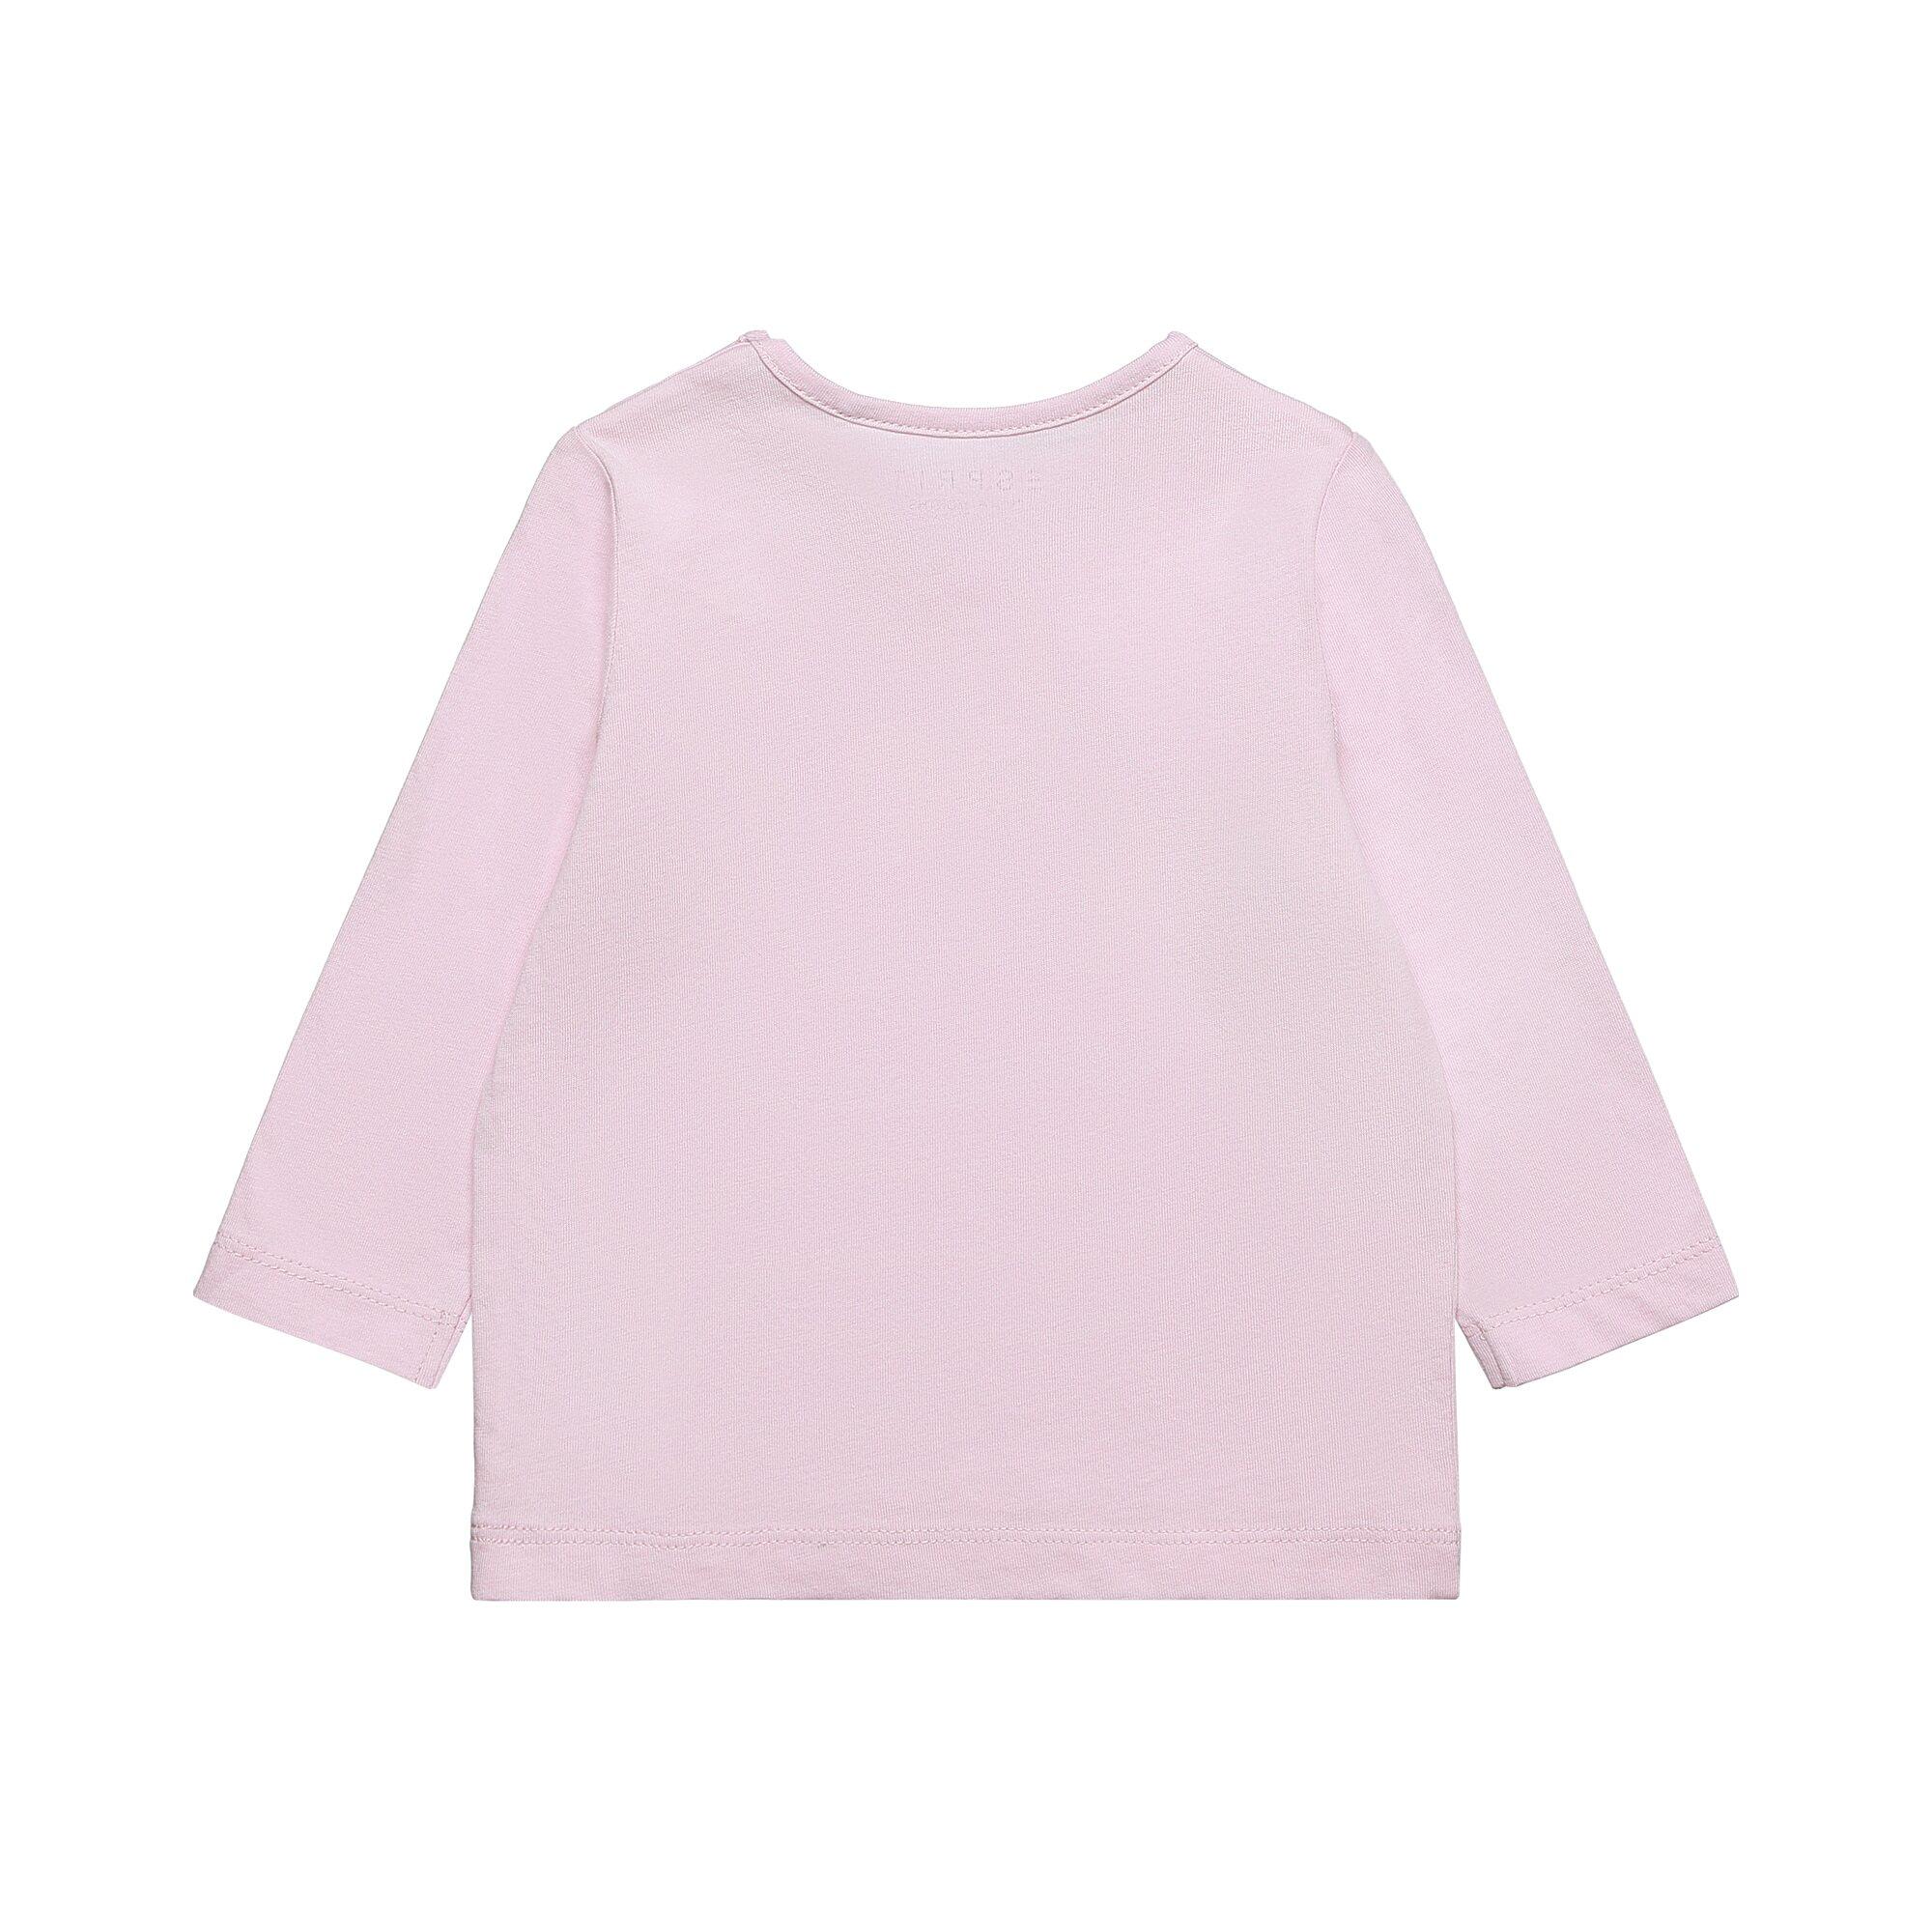 esprit-shirt-langarm-esprit, 6.99 EUR @ babywalz-de